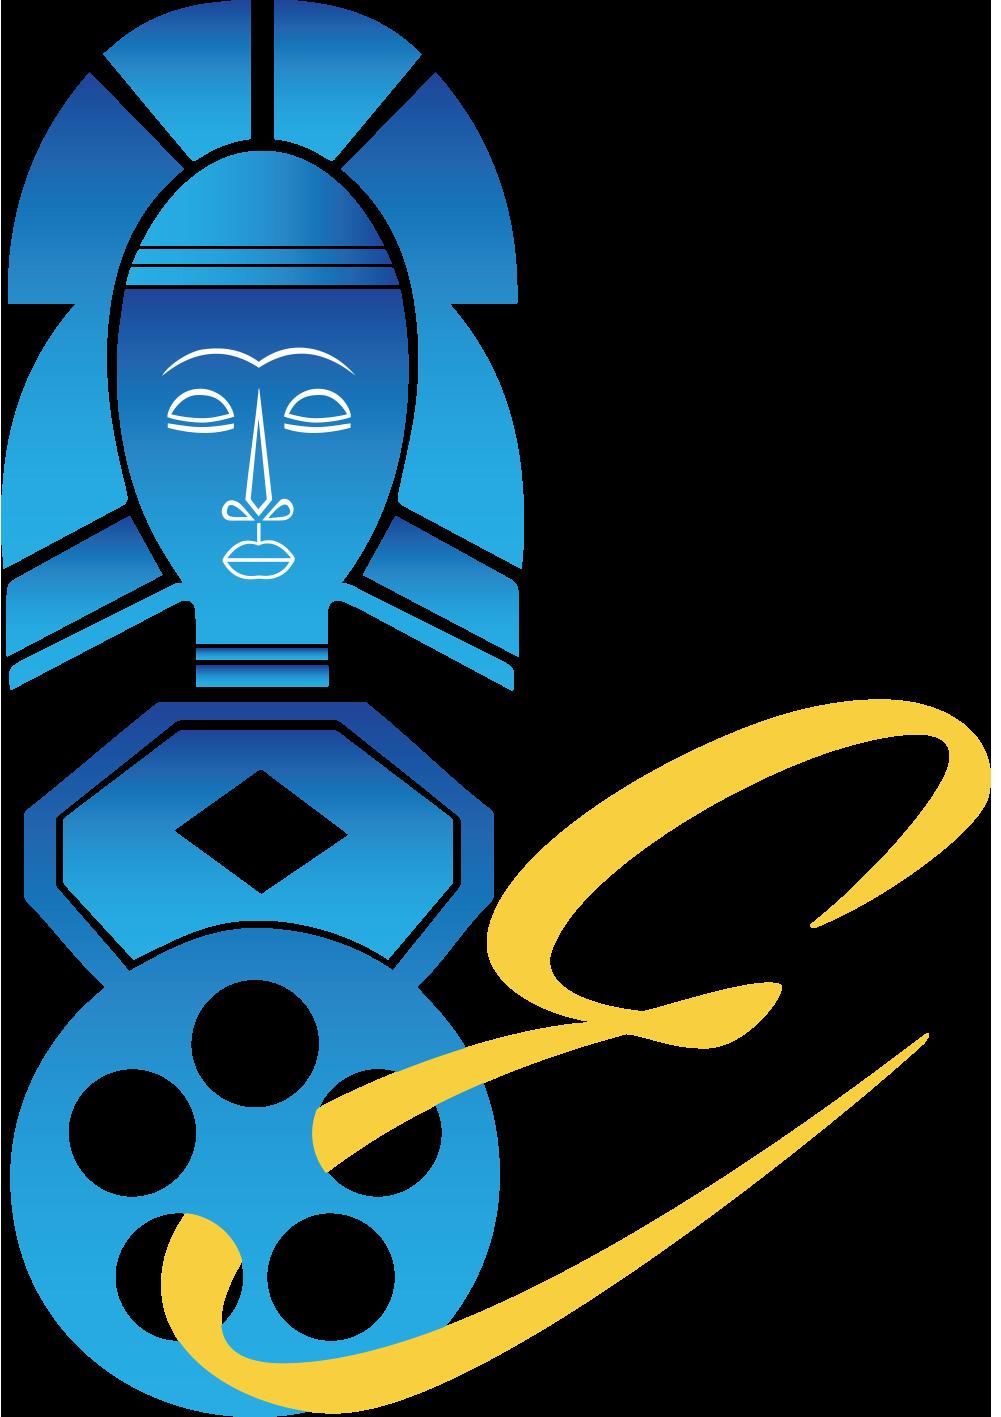 PAFF mascot logo